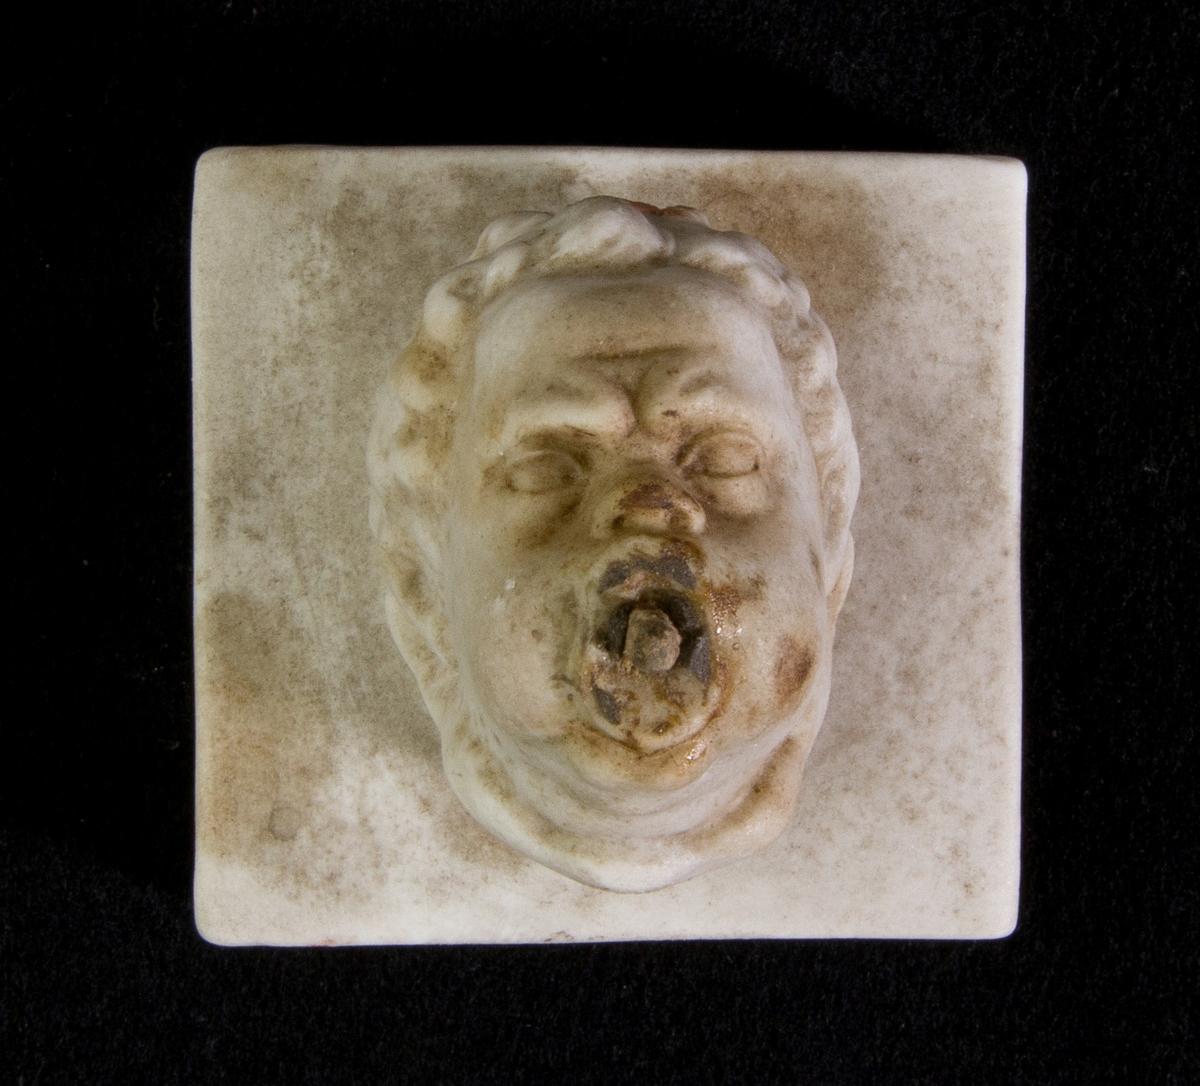 Studiemodell föreställande en mycket liten vattenutkastare i form av ett manshuvud med uppblåsta kinder. Järnten i munnen. Monterad på kvadratisk platta.